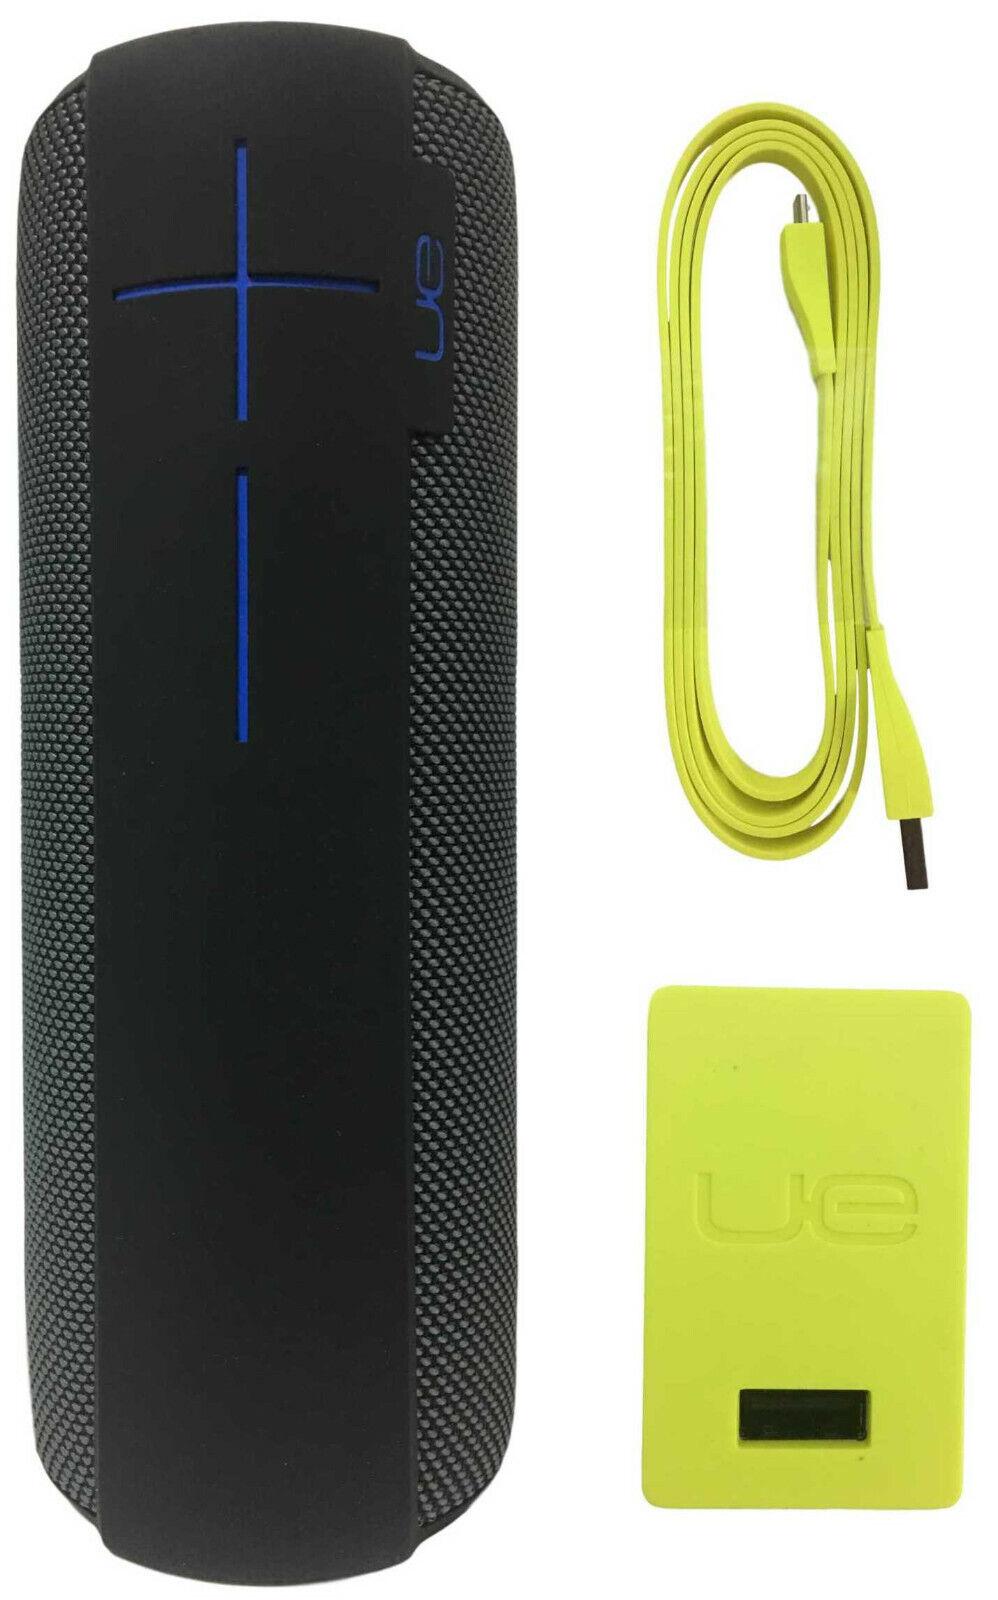 Ultimate Ears UE MEGABOOM Wireless Waterproof Portable Speaker - Charcoal Black